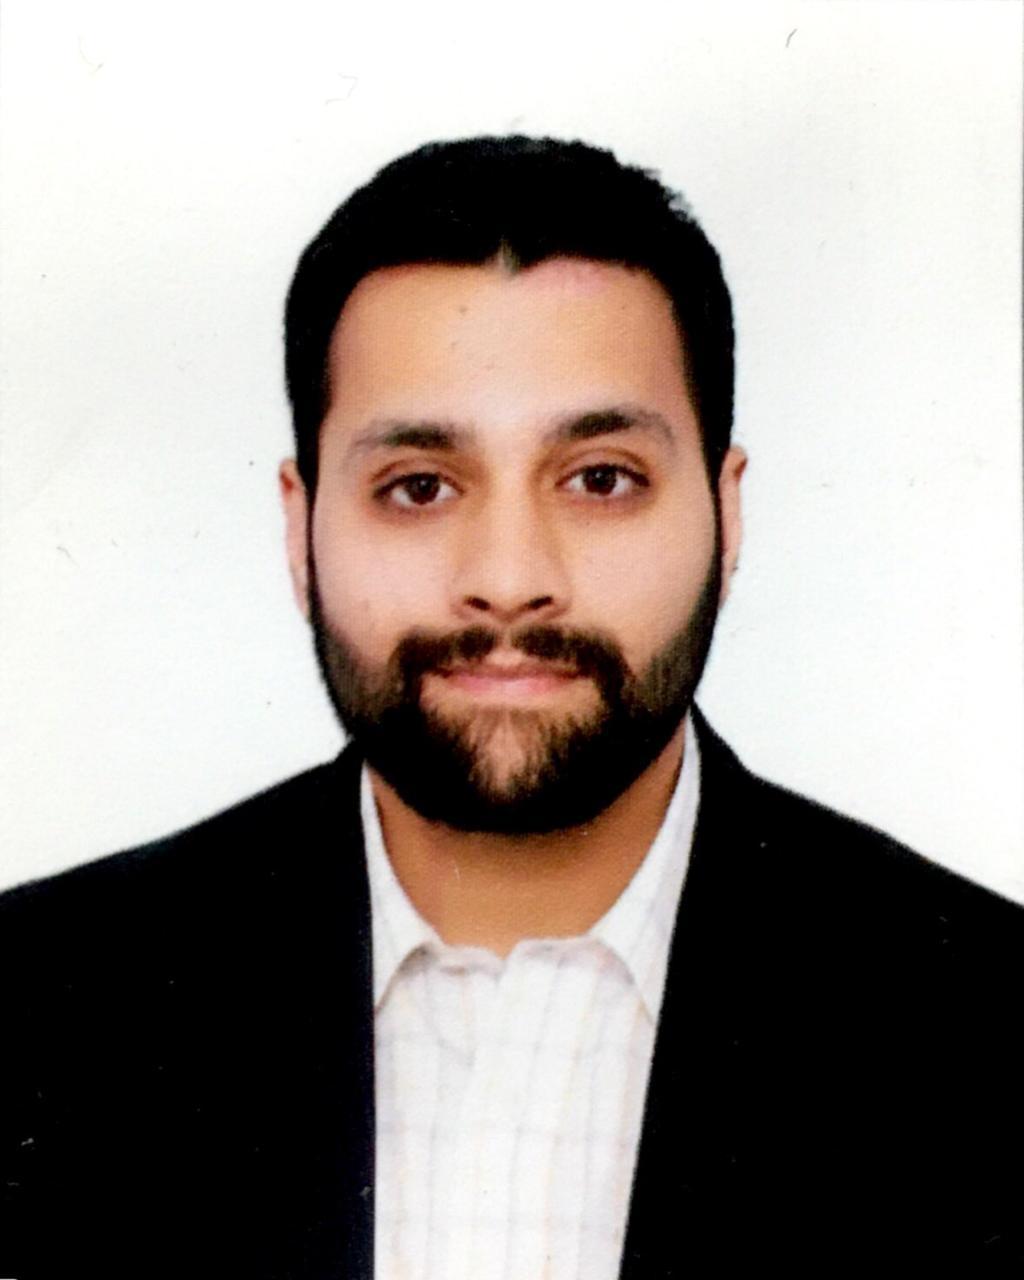 Syed Mohammad Wajih Zafar